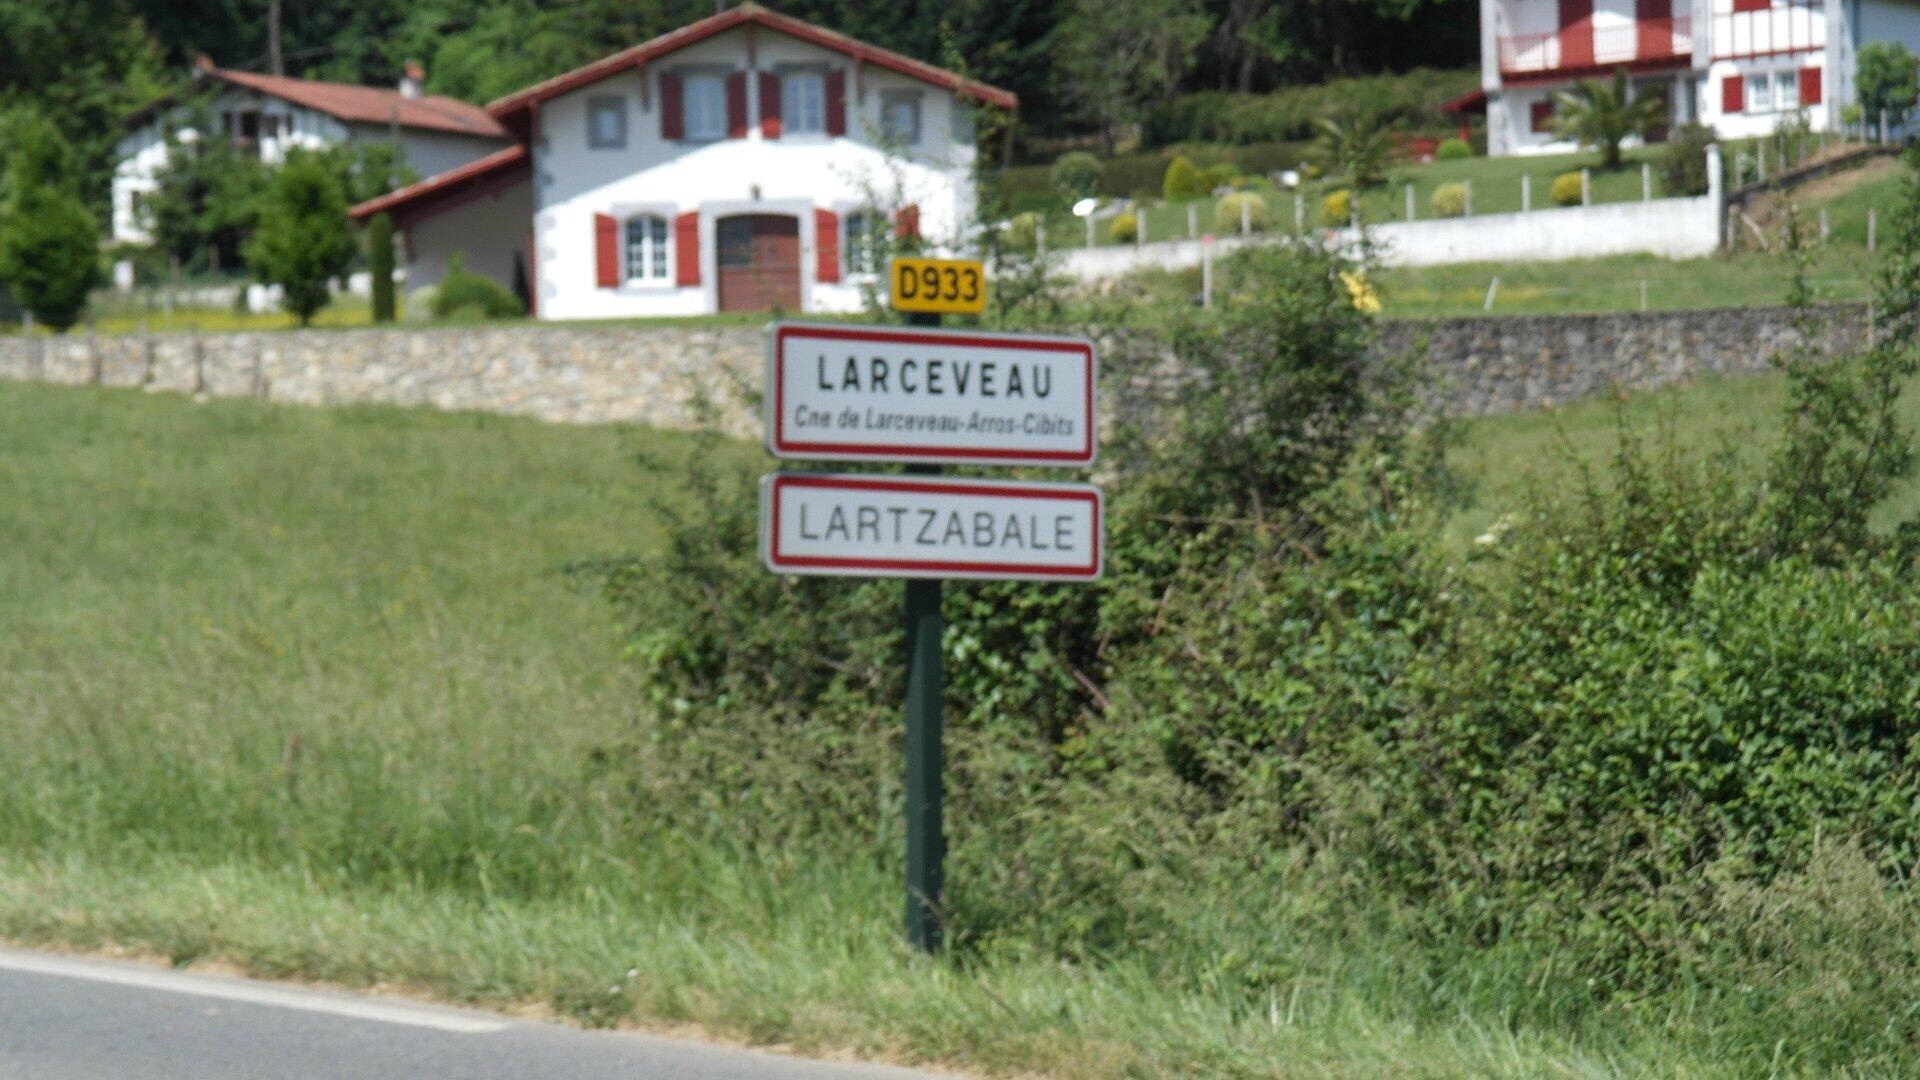 11 ème étape de Saint Palais à Larceveau